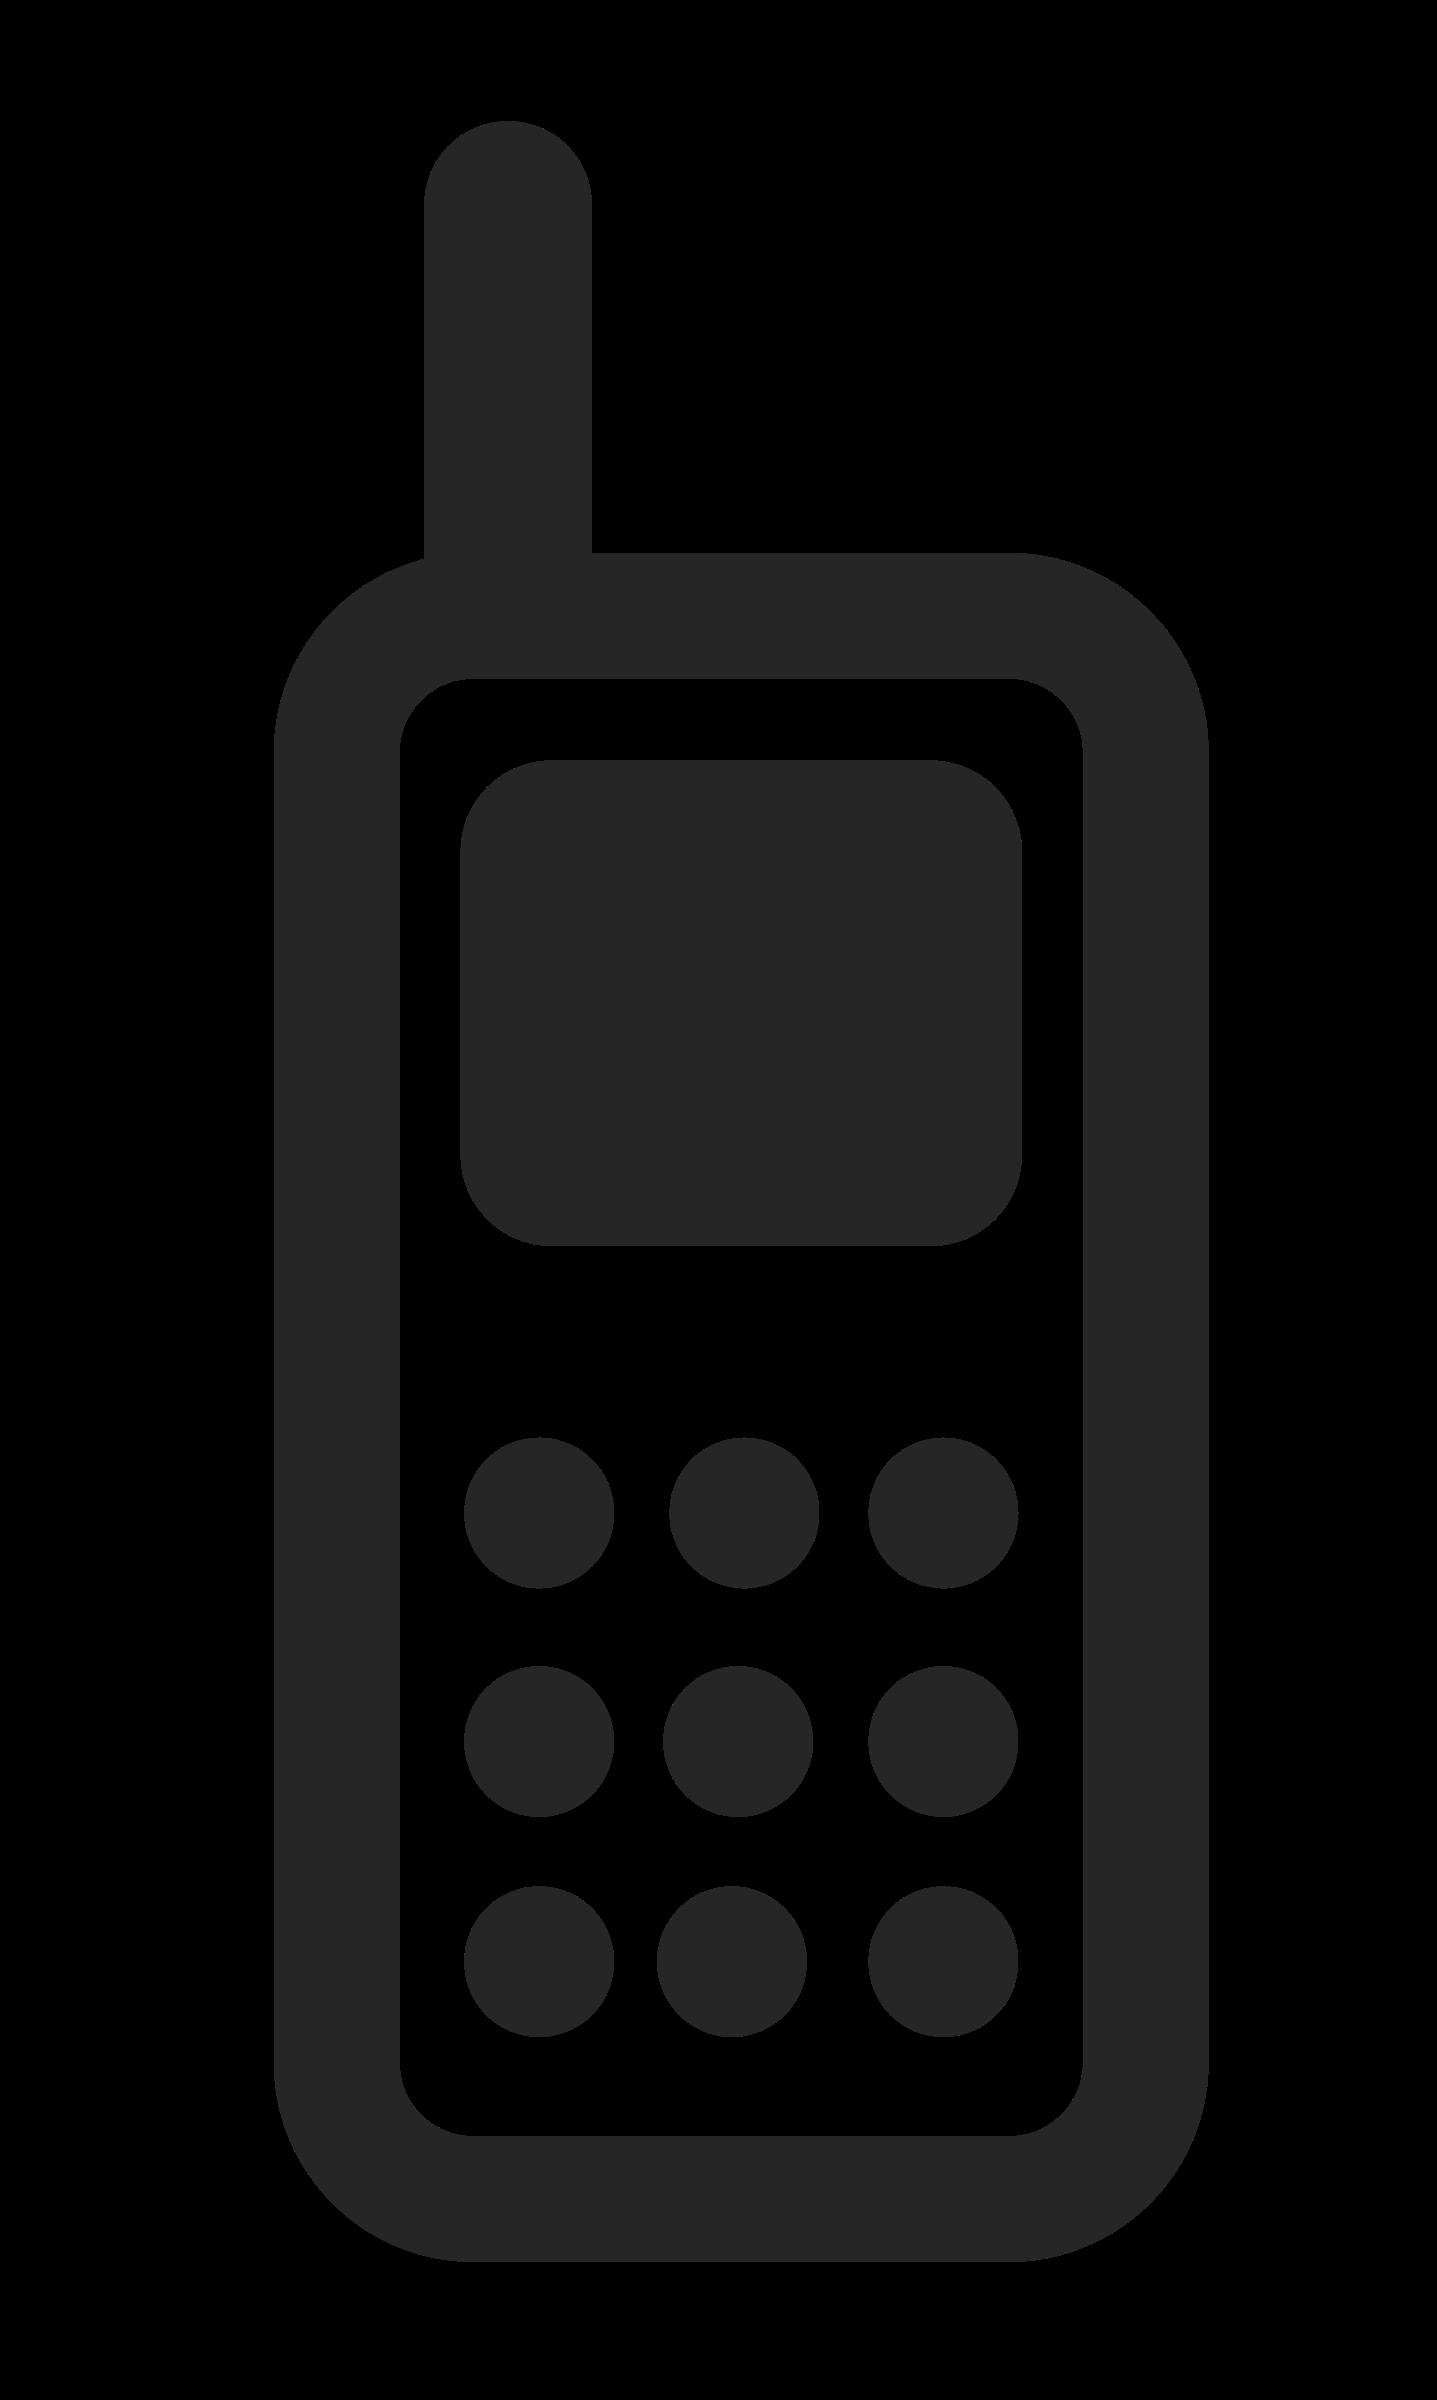 Векторные картинки на телефон, марта история